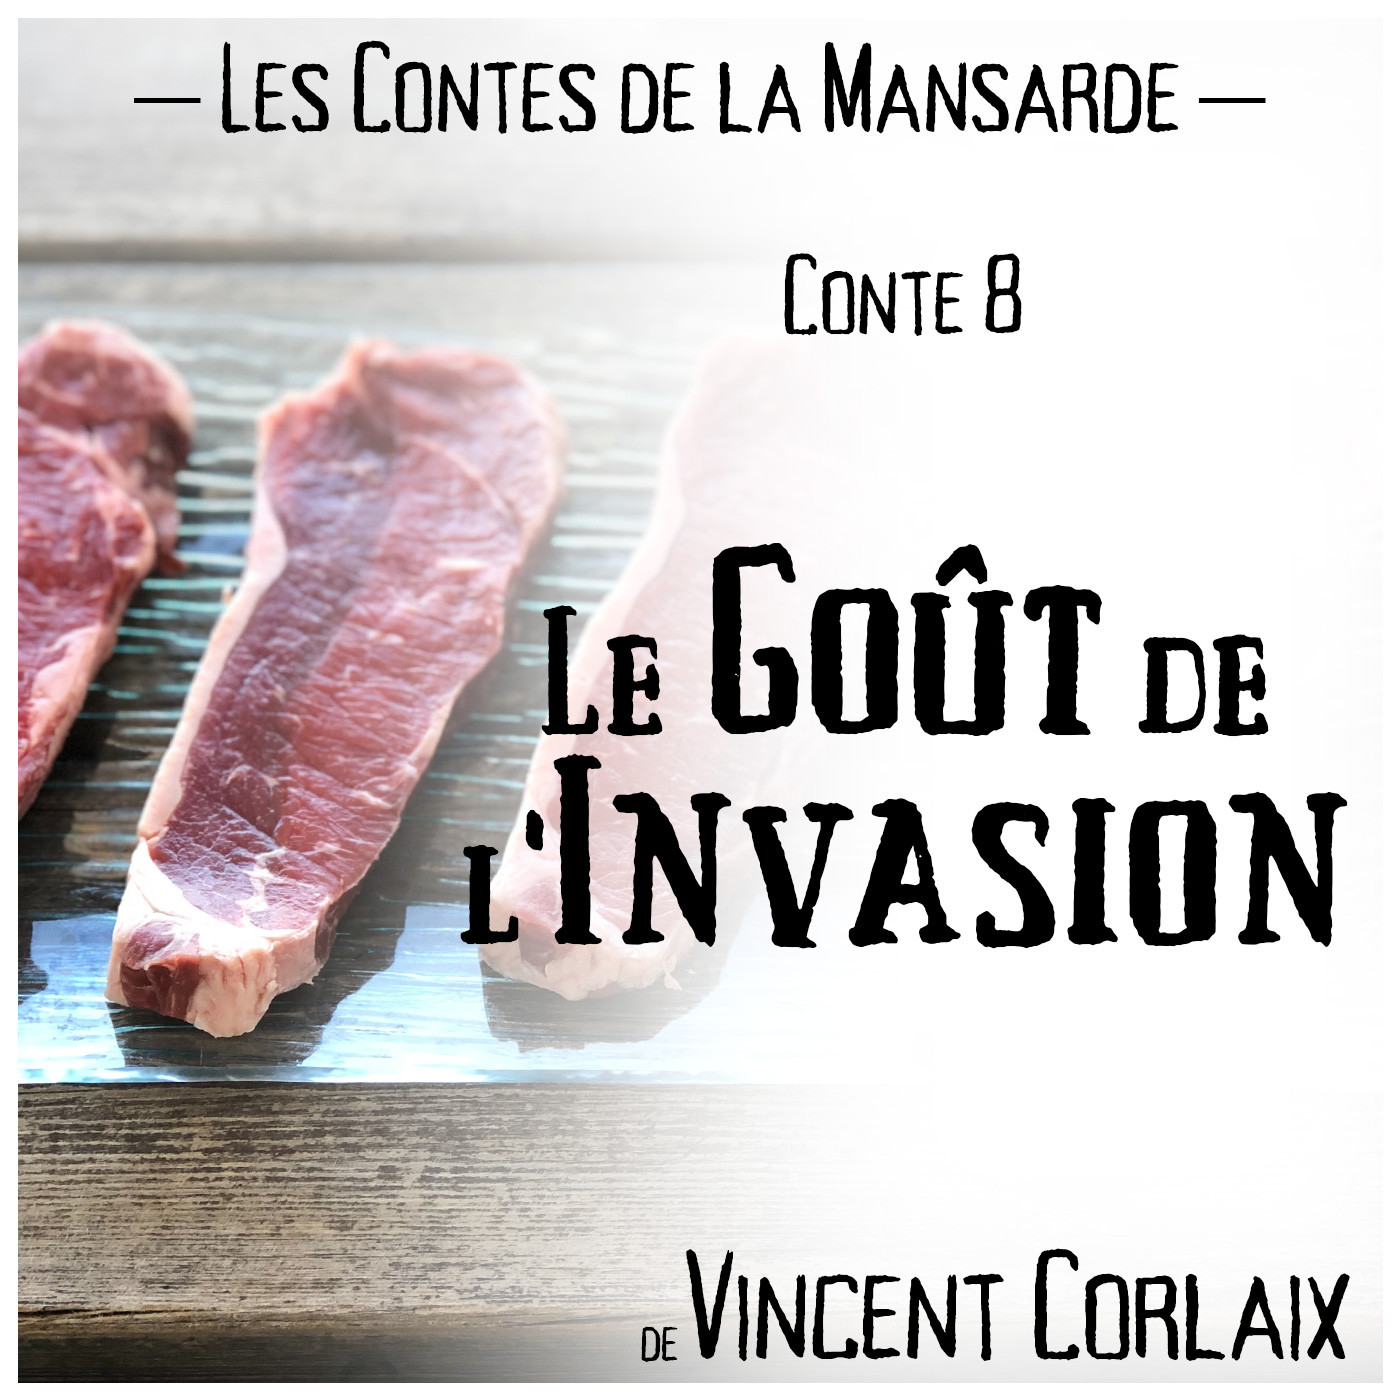 Conte 8 – Le goût de l'invasion